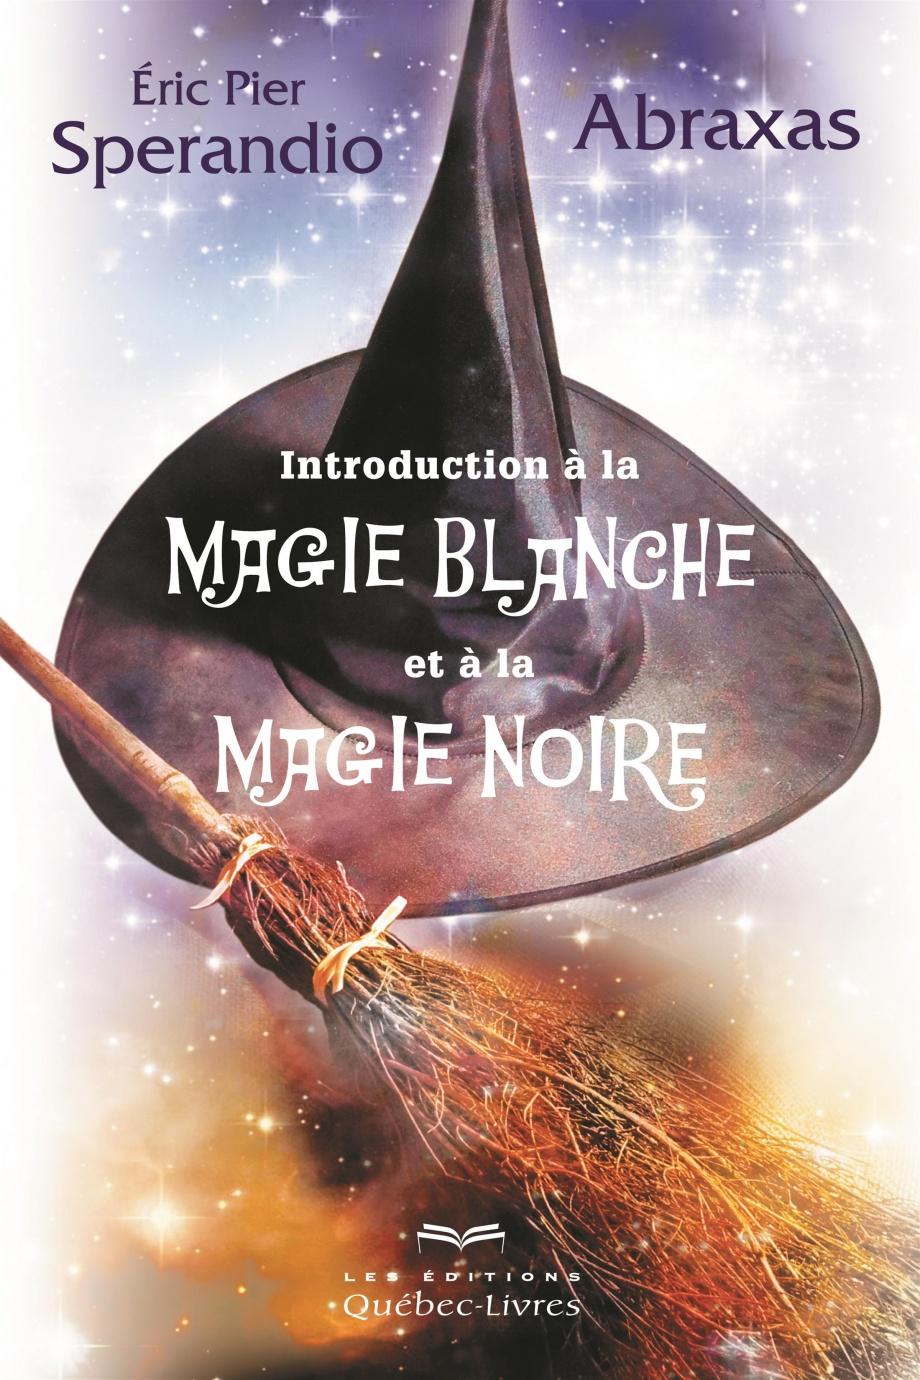 Introduction A La Magie Blanche Et A La Magie Noire Par Eric Pier Sperandio Abraxas Esoterisme Esoterisme Occultisme Leslibraires Ca